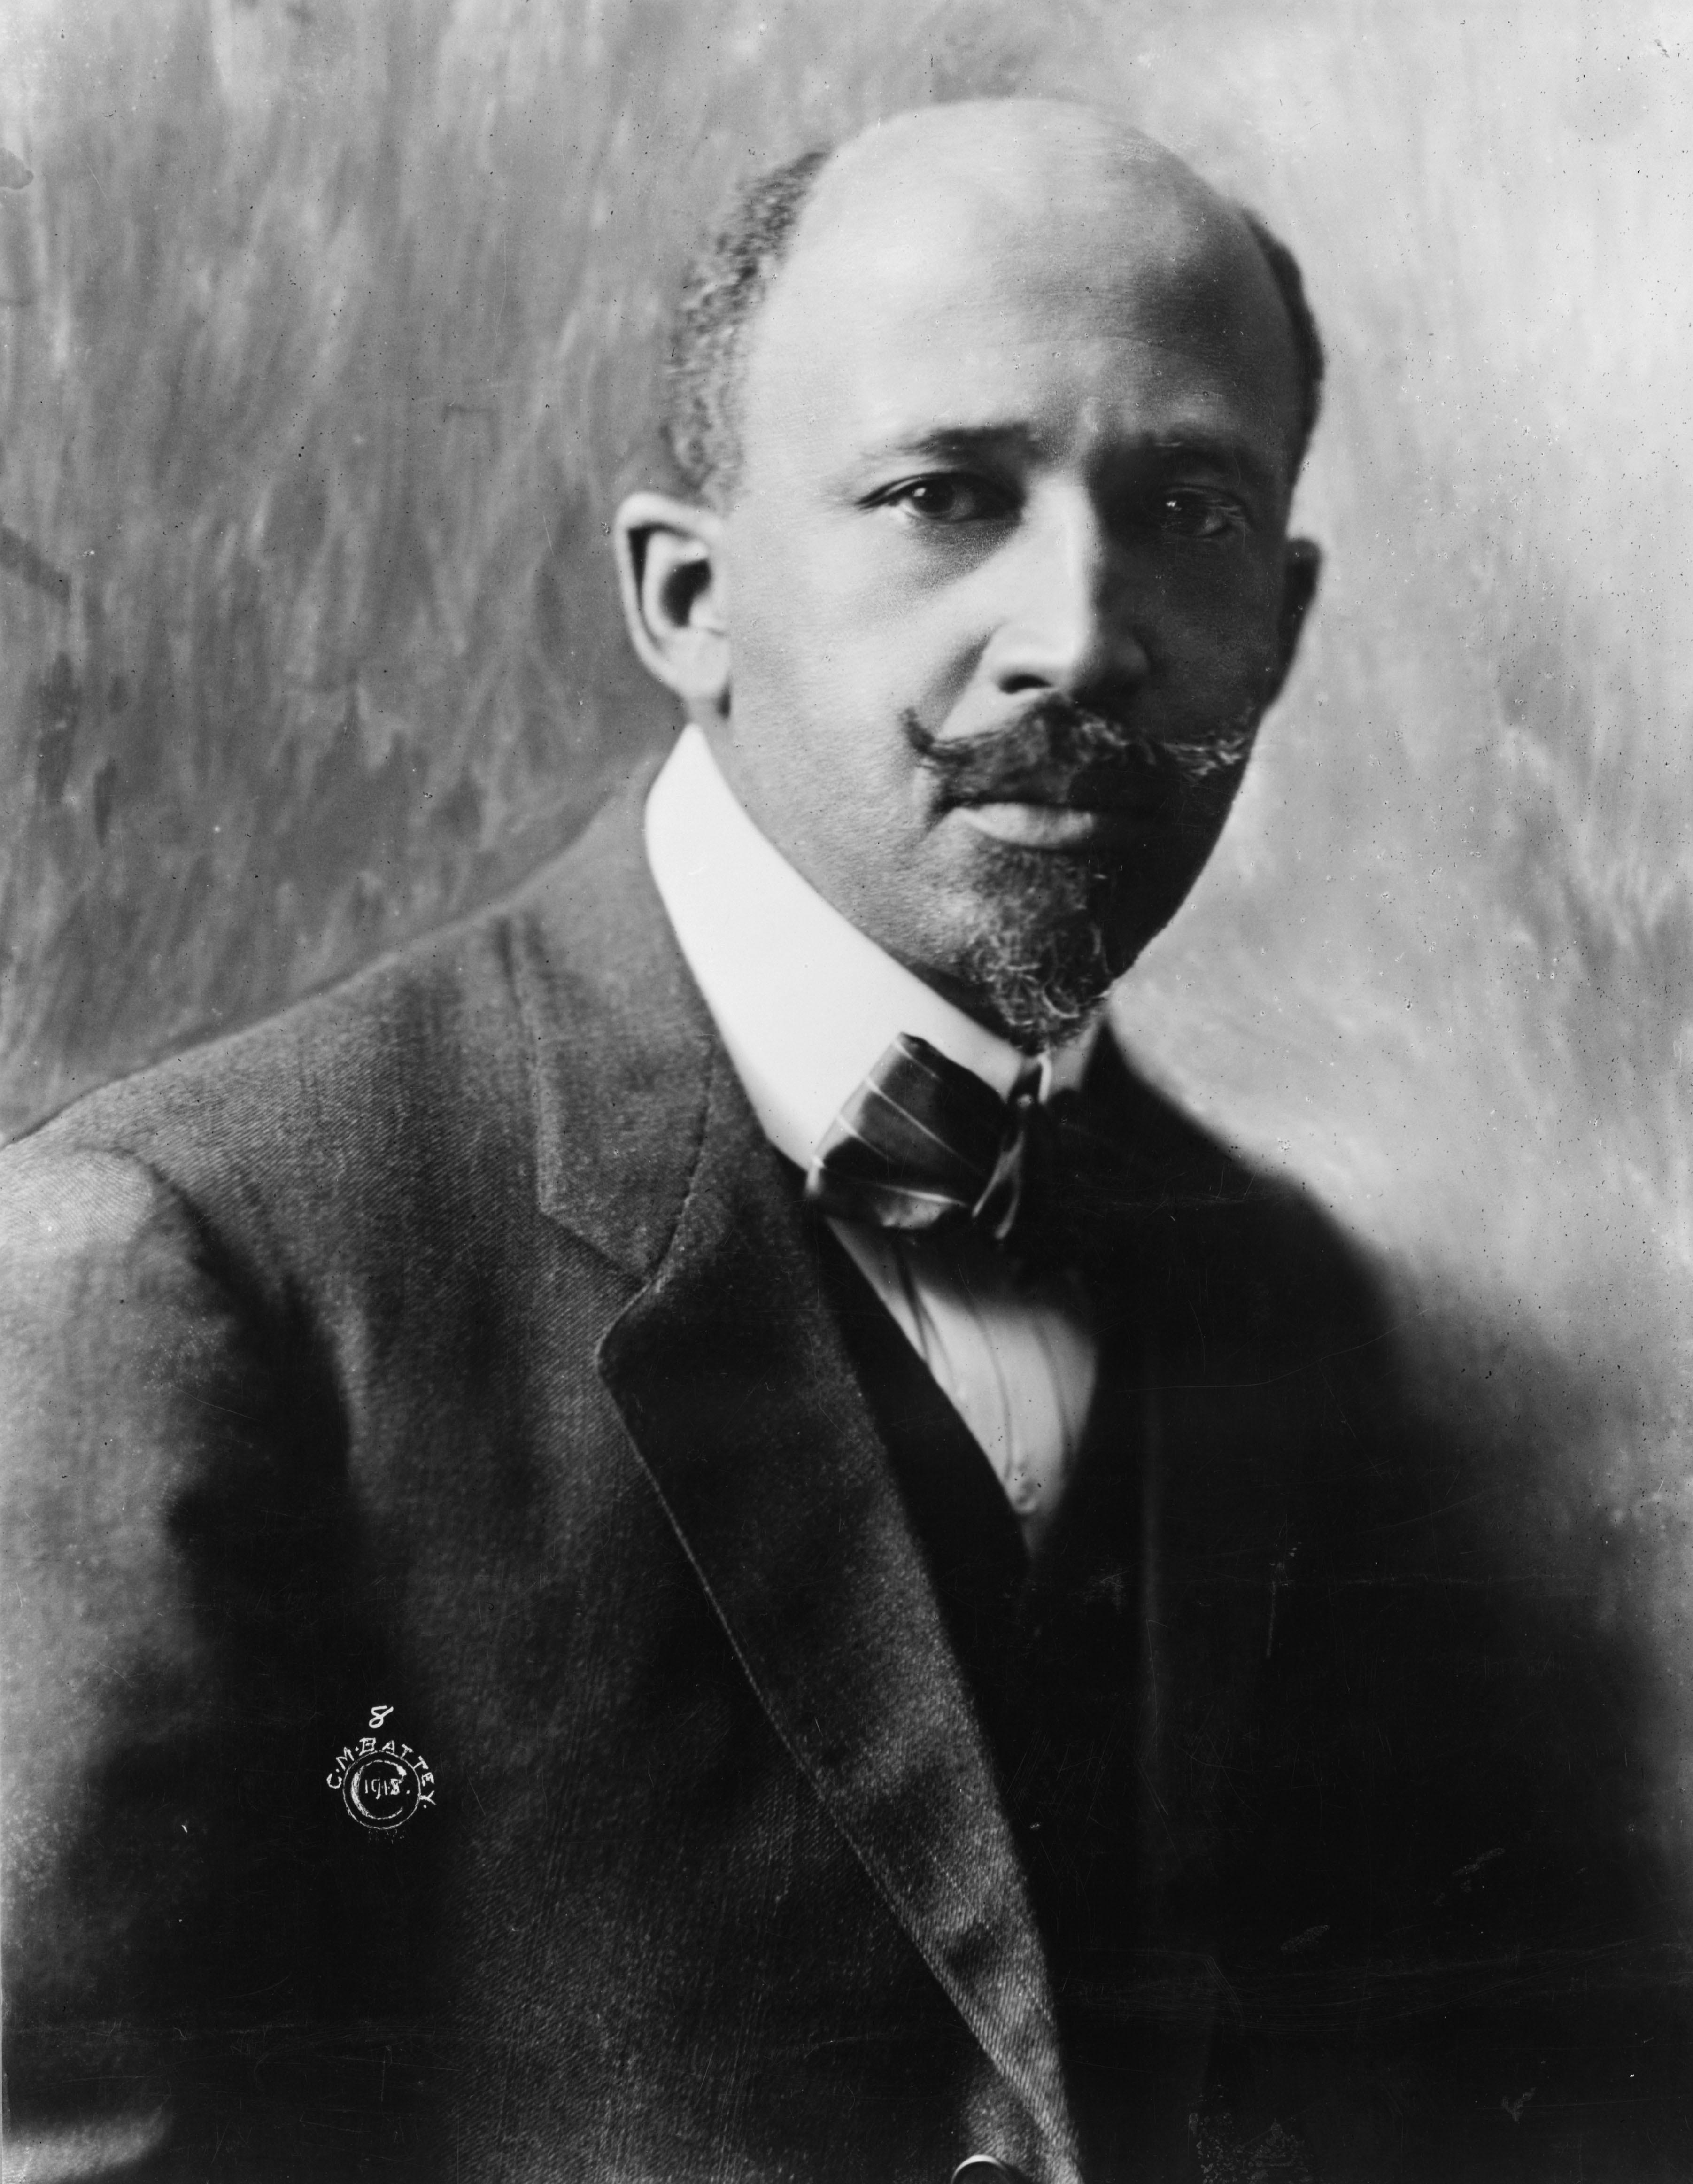 William Edward Dubois.